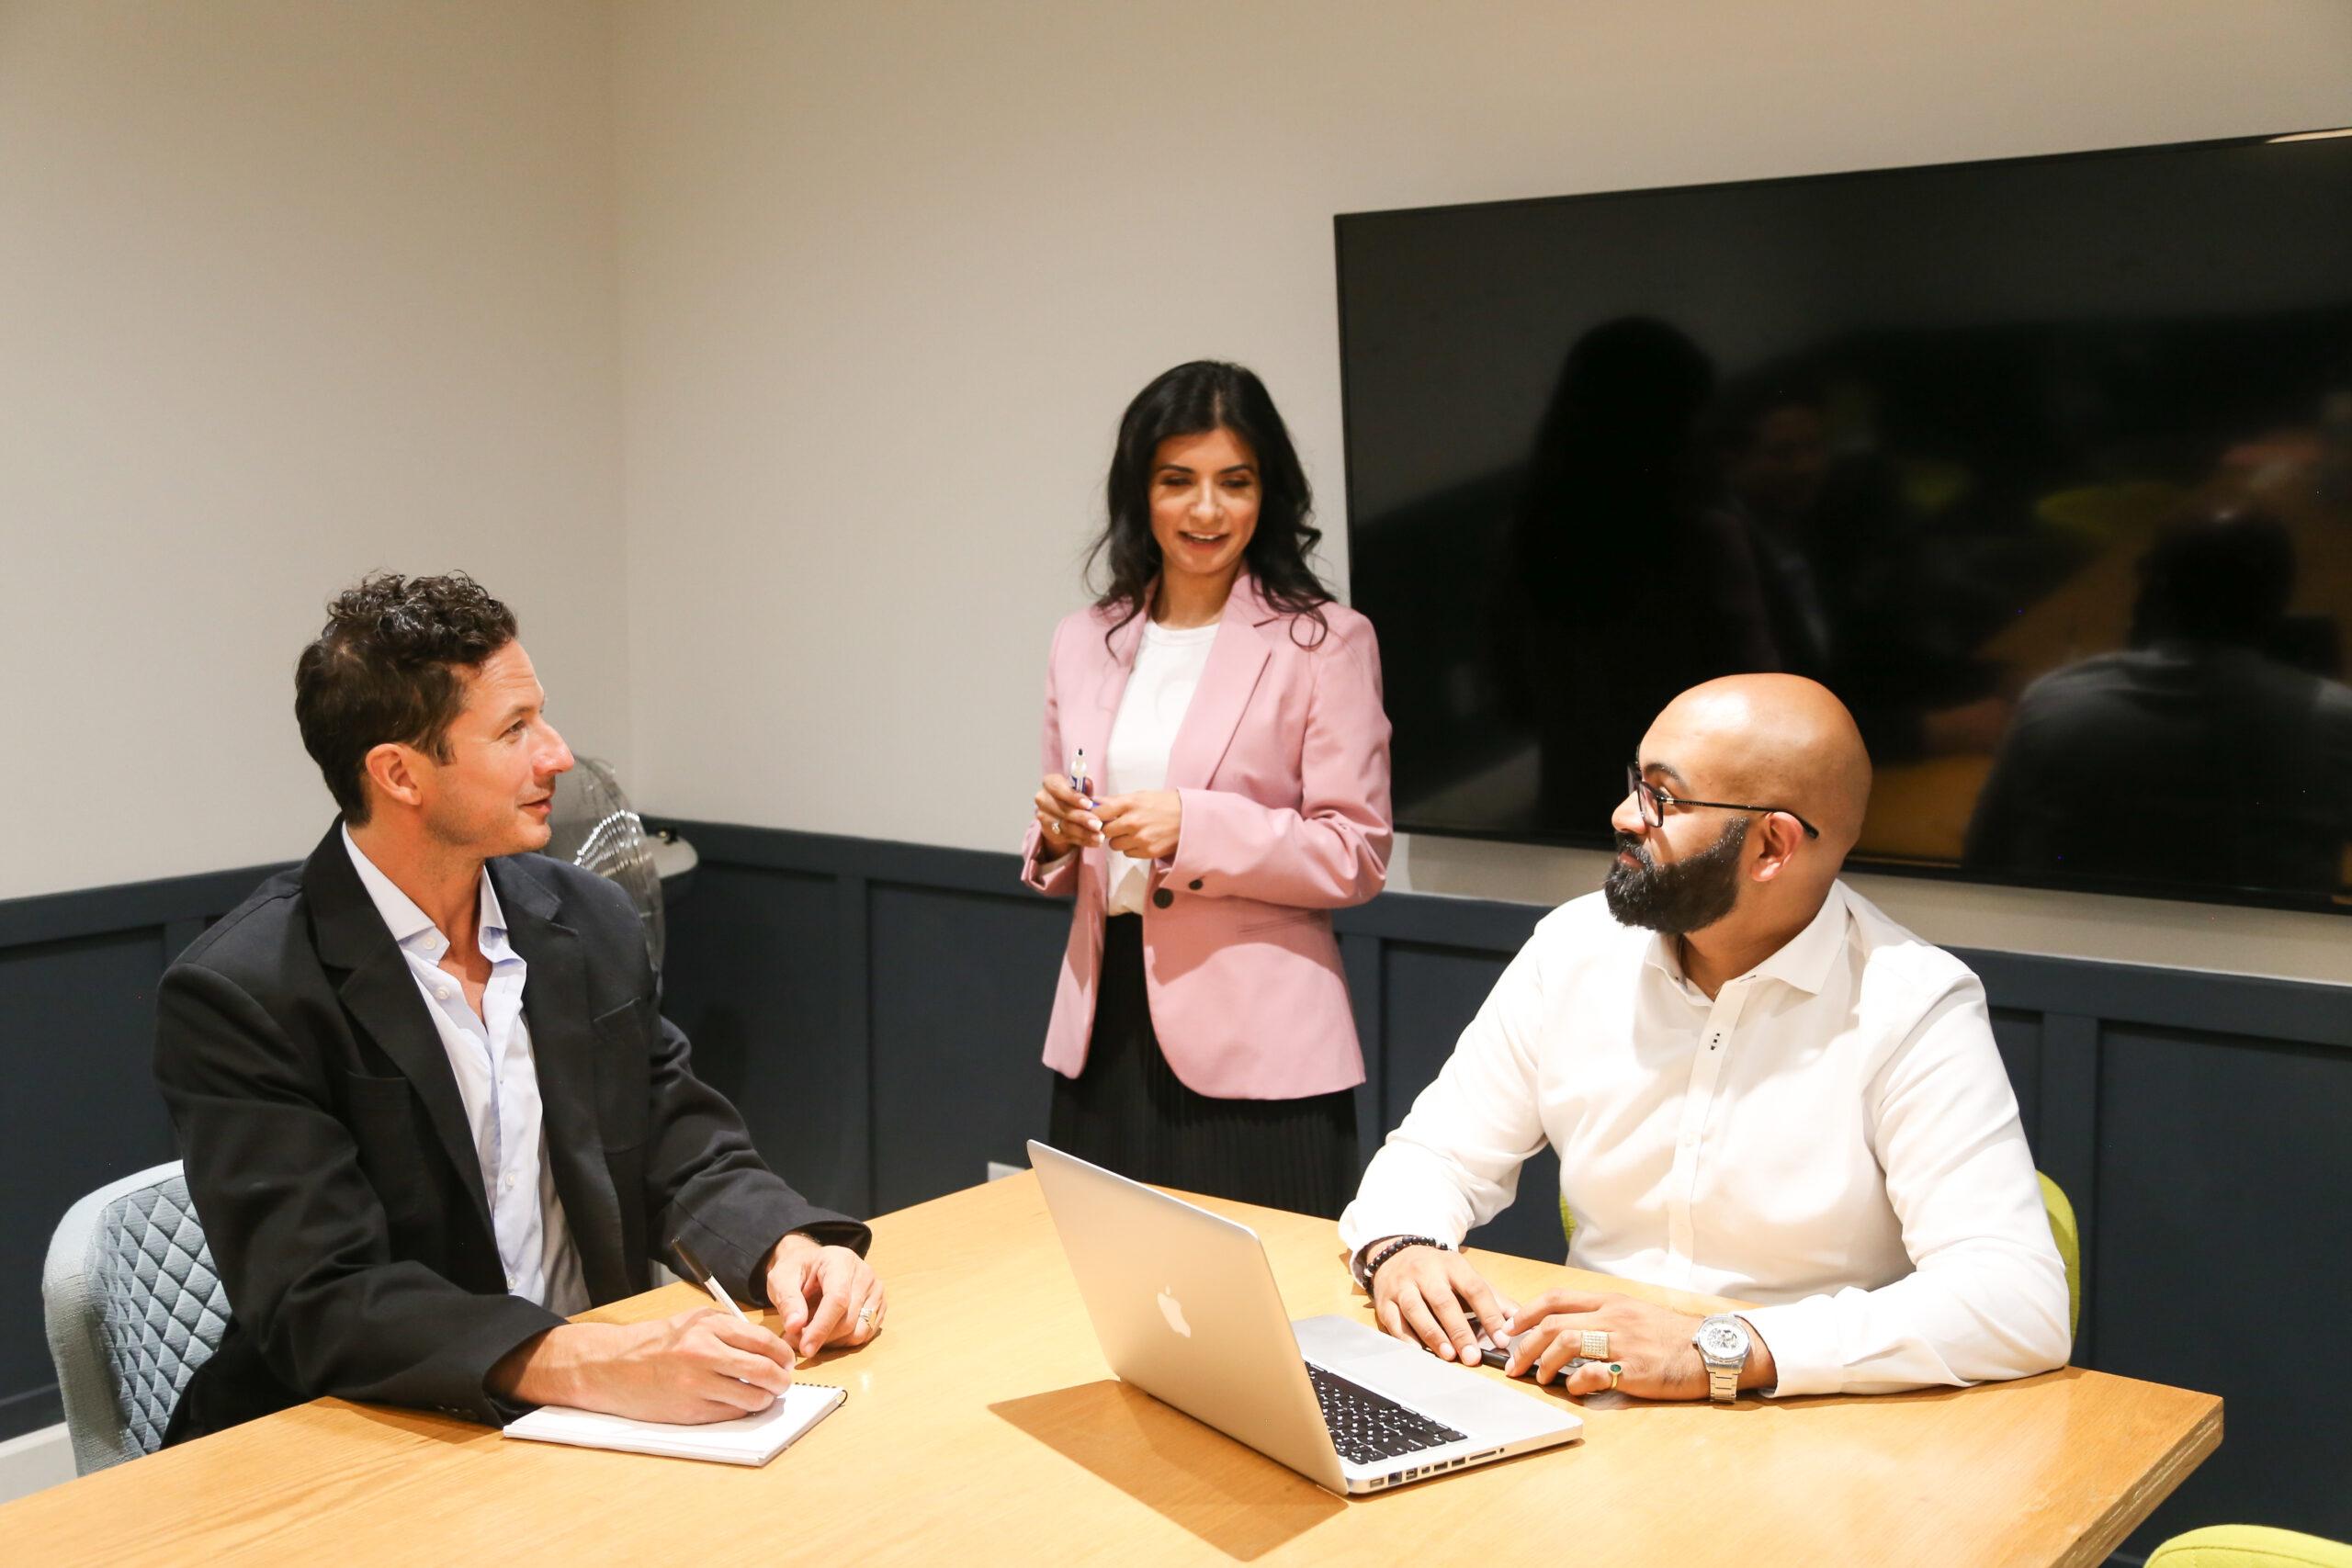 Diverse team members in a meeting room